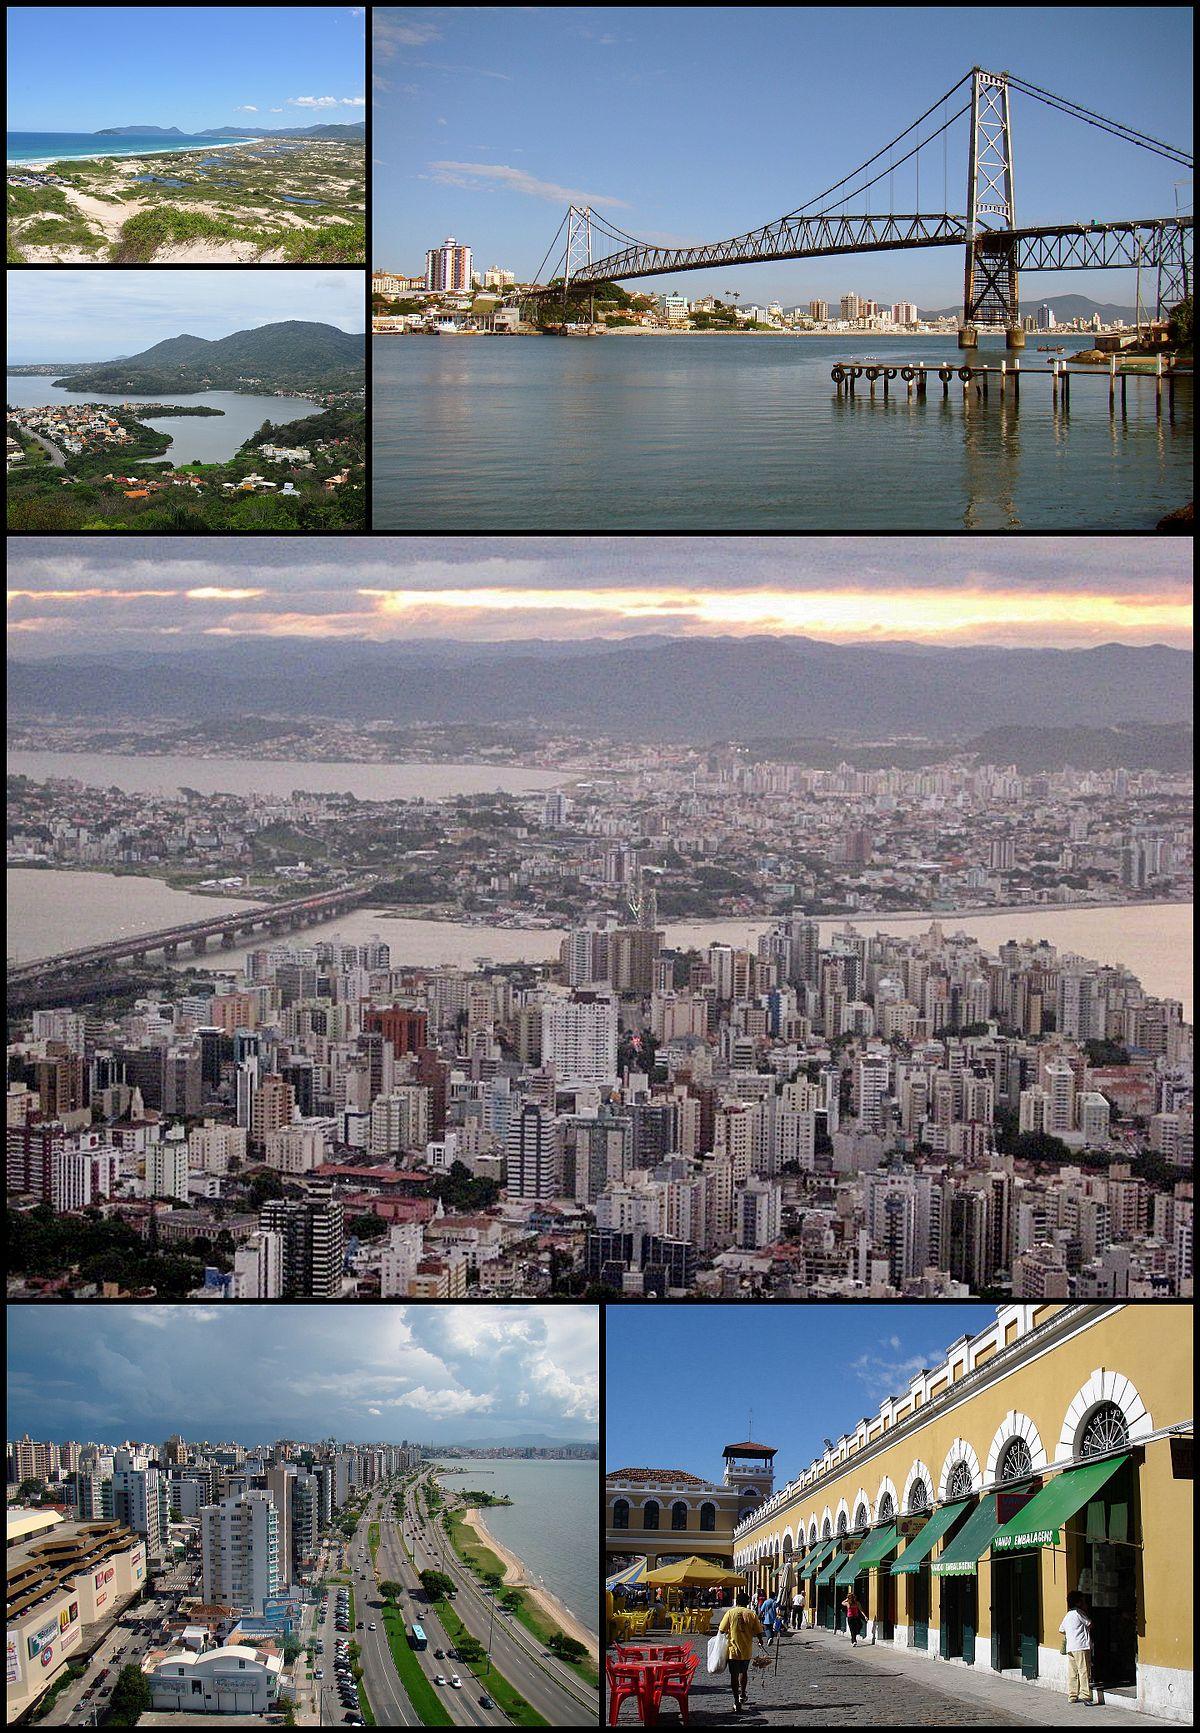 florianópolis wikipedia